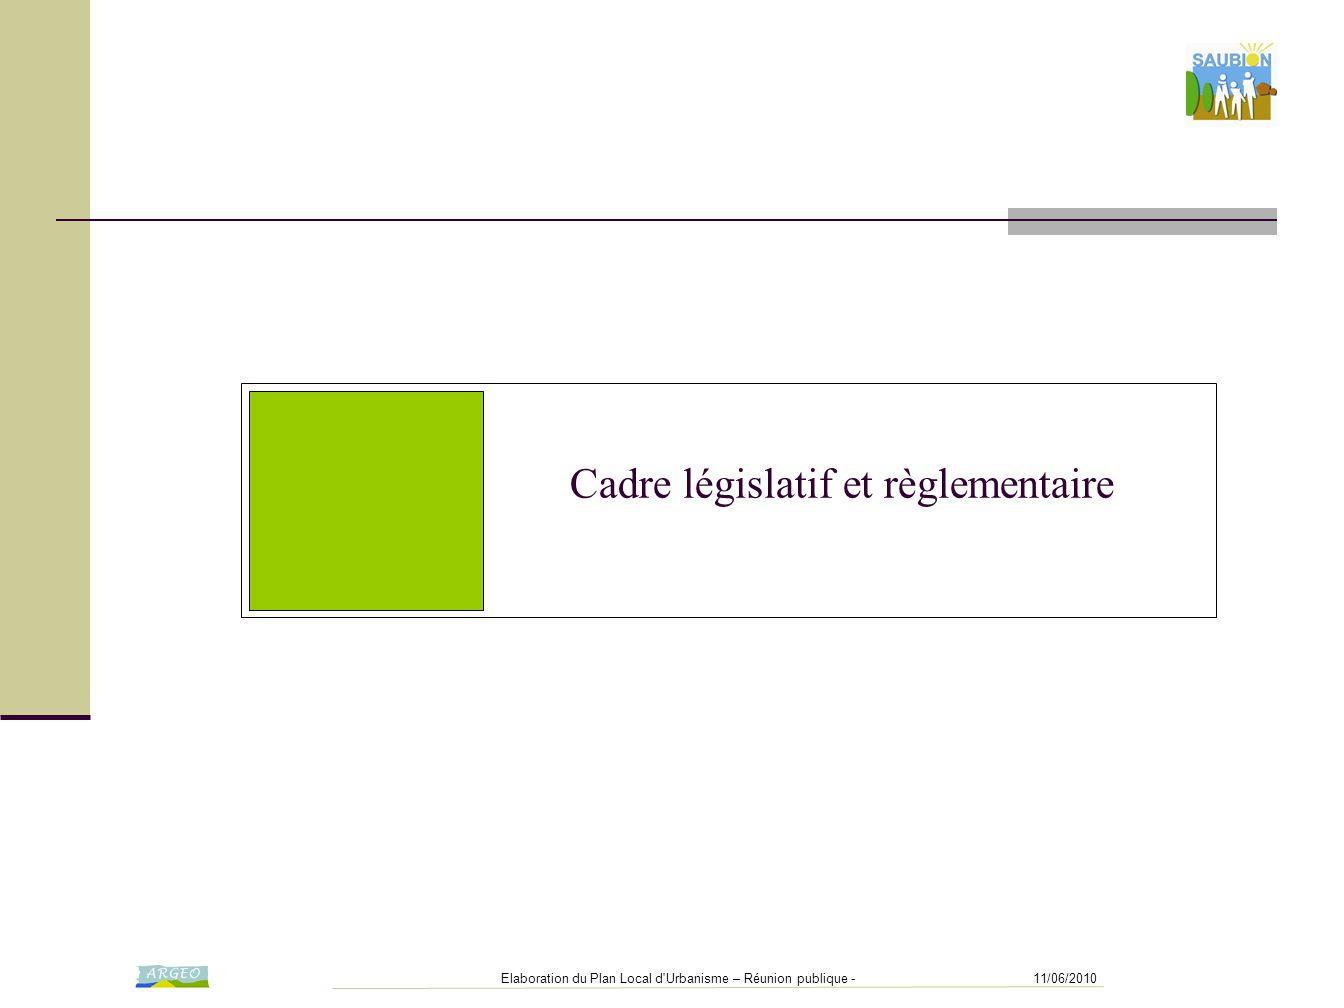 11/06/2010Elaboration du Plan Local d Urbanisme – Réunion publique - Cadre législatif et règlementaire